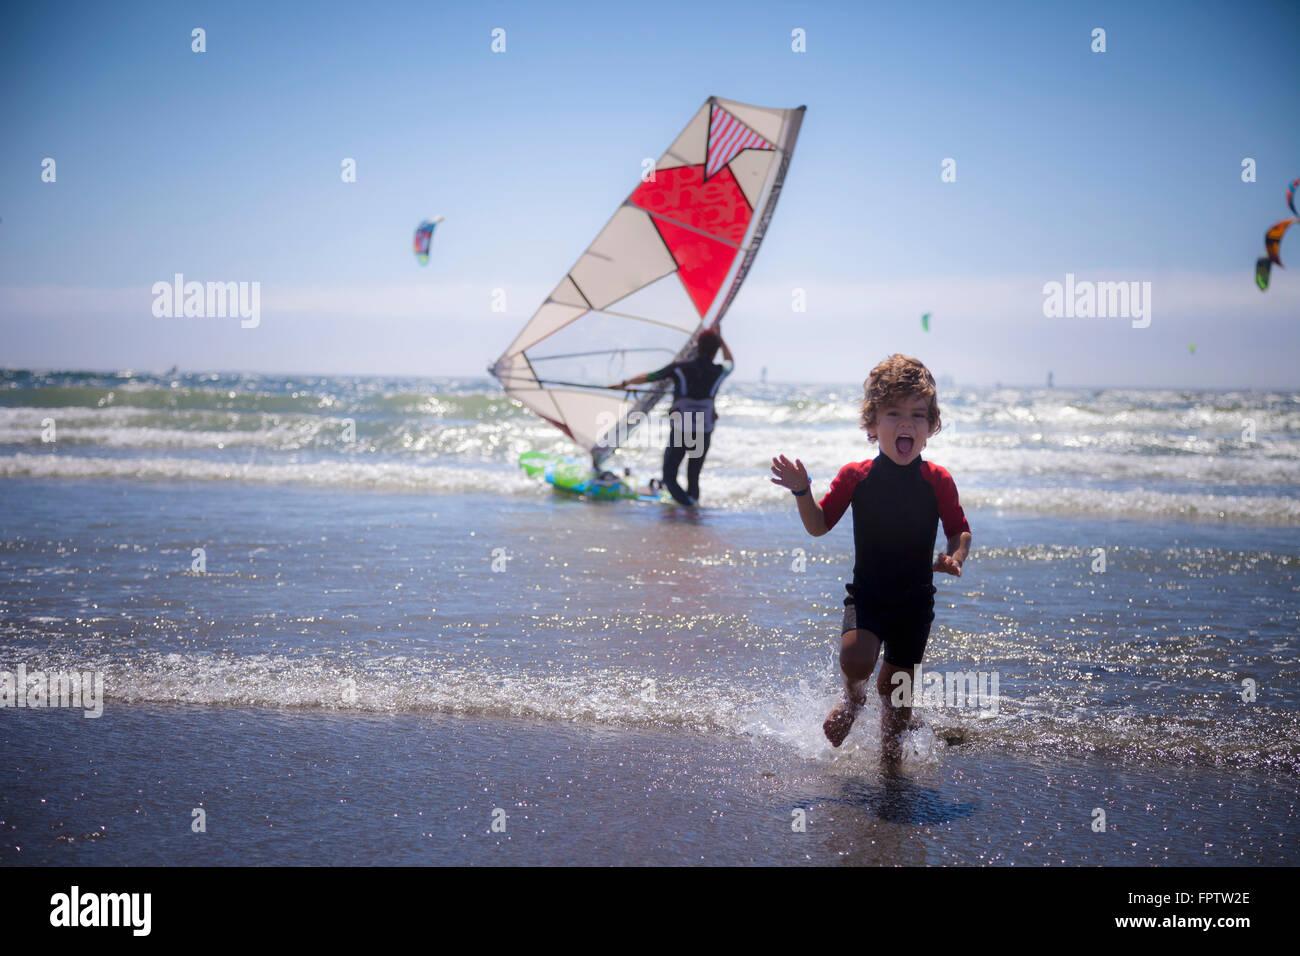 Pequeño niño corriendo en la playa y padre, en el fondo, Viana do Castelo, Región Norte, Portugal Imagen De Stock